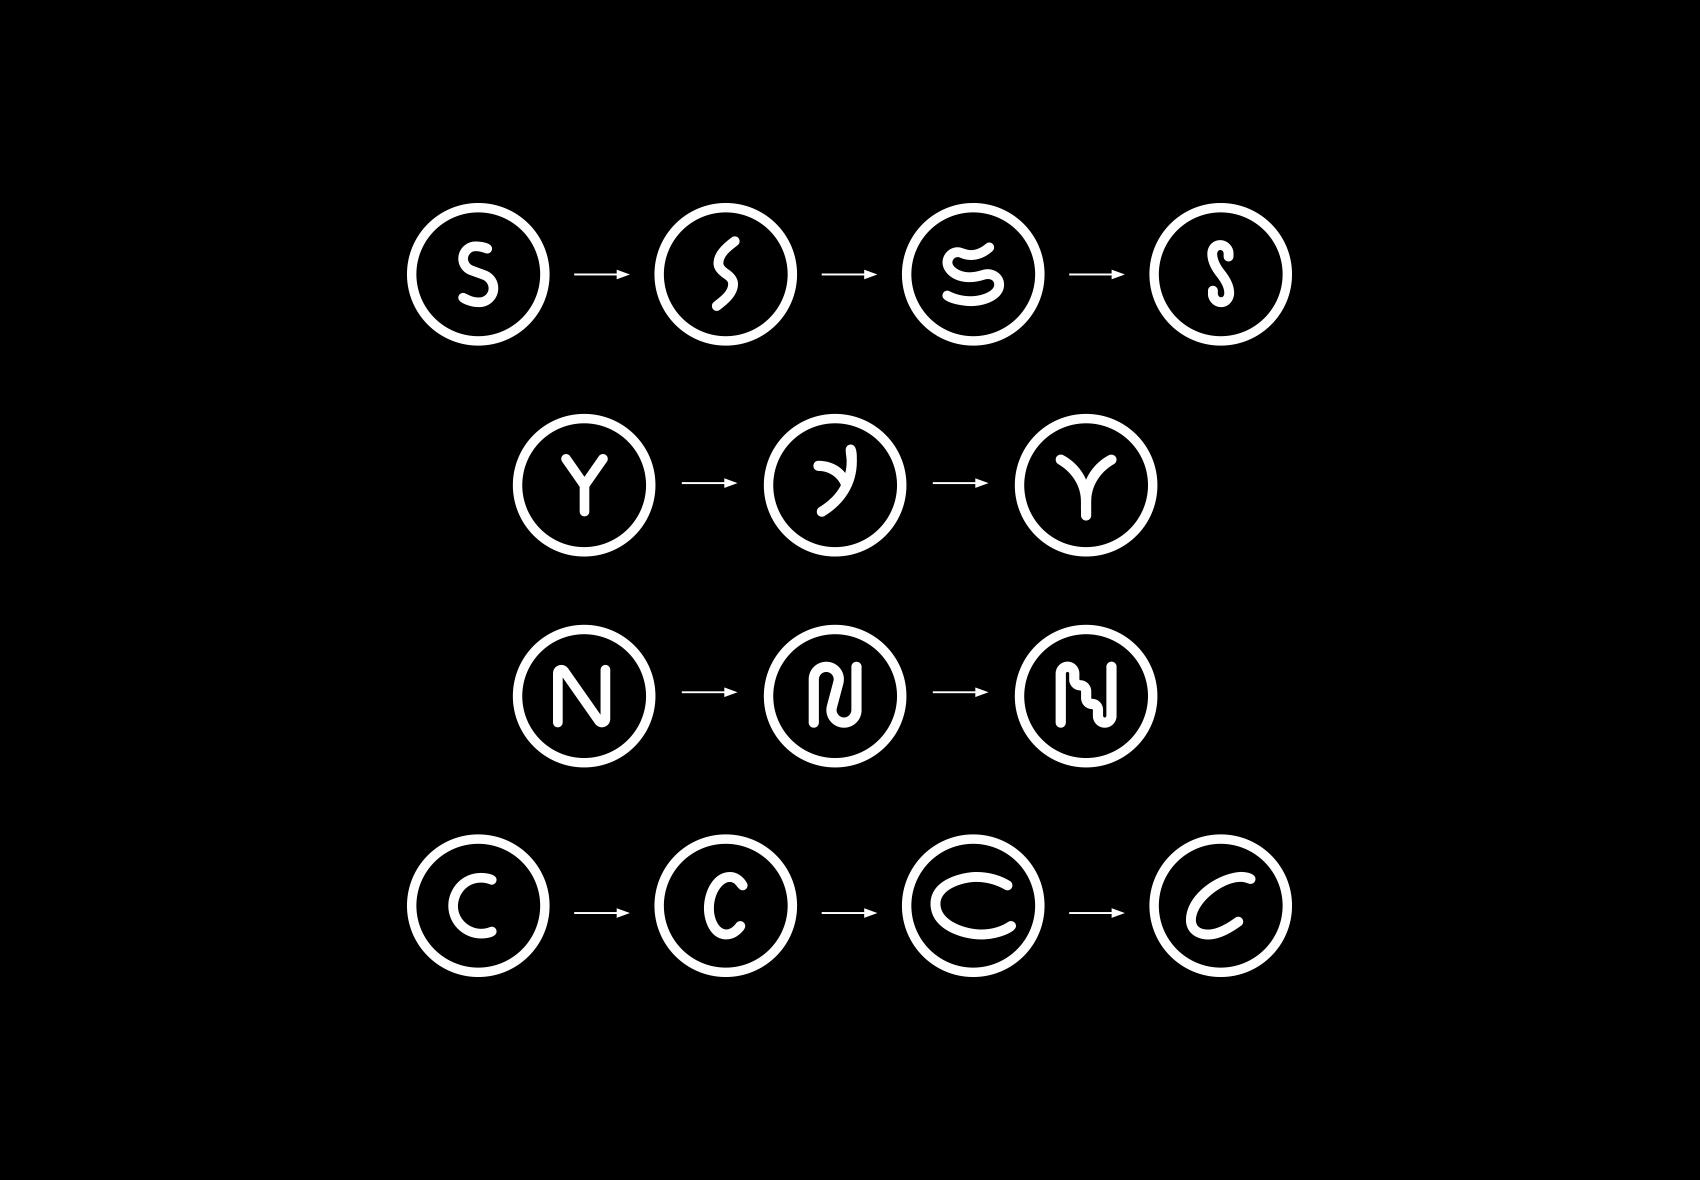 PWFM-SYNC-6